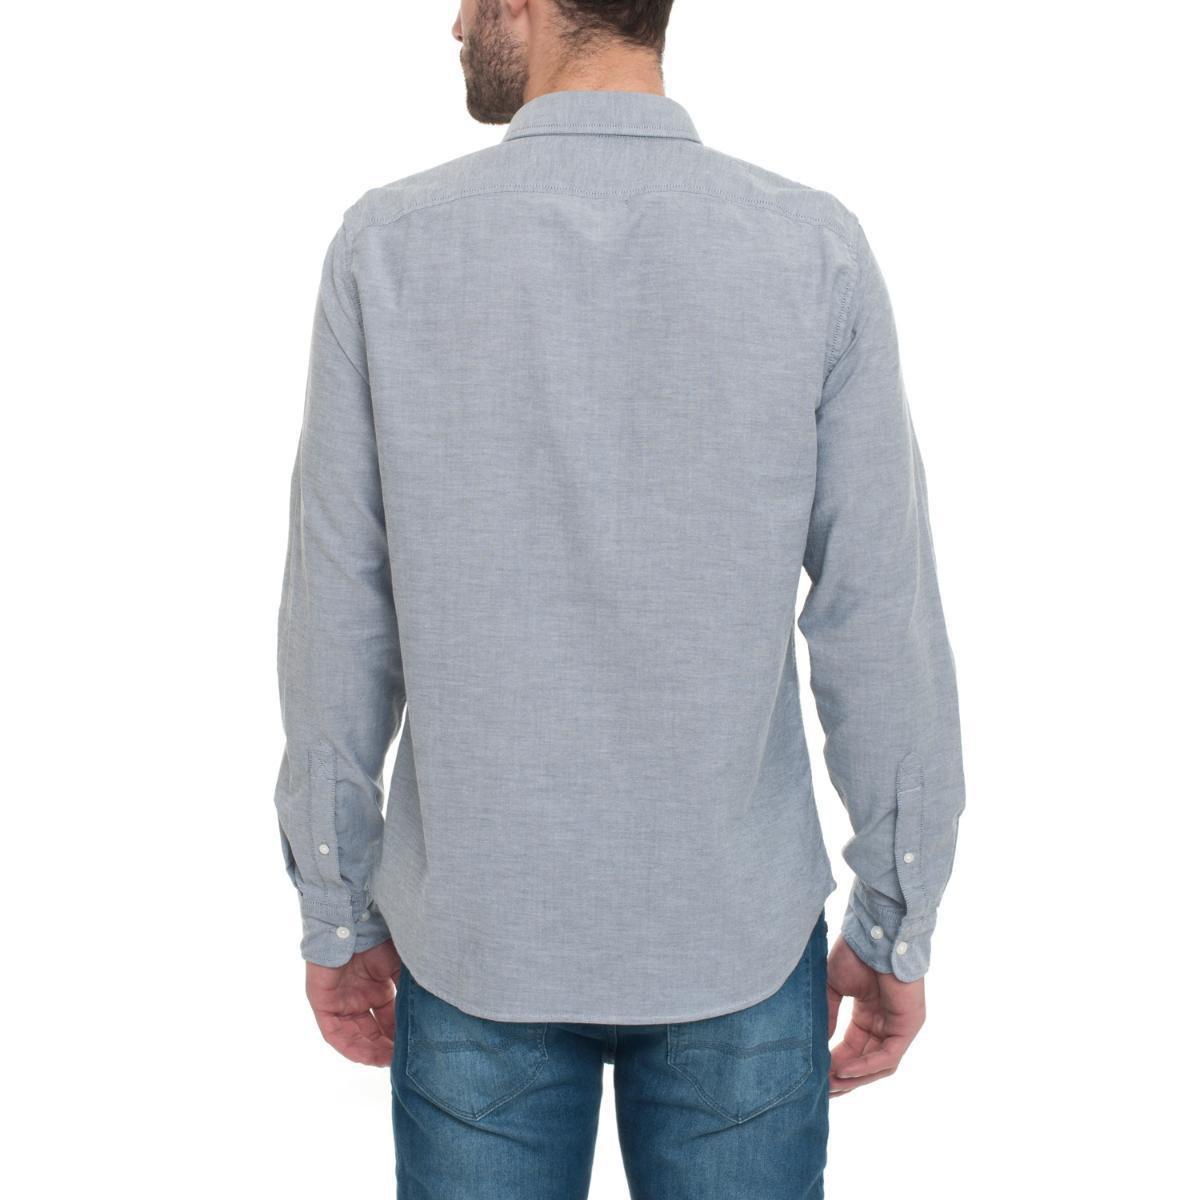 6f893d86 Camisa Timberland Manga Longa Rattle River Oxford Masculina - Cinza ...